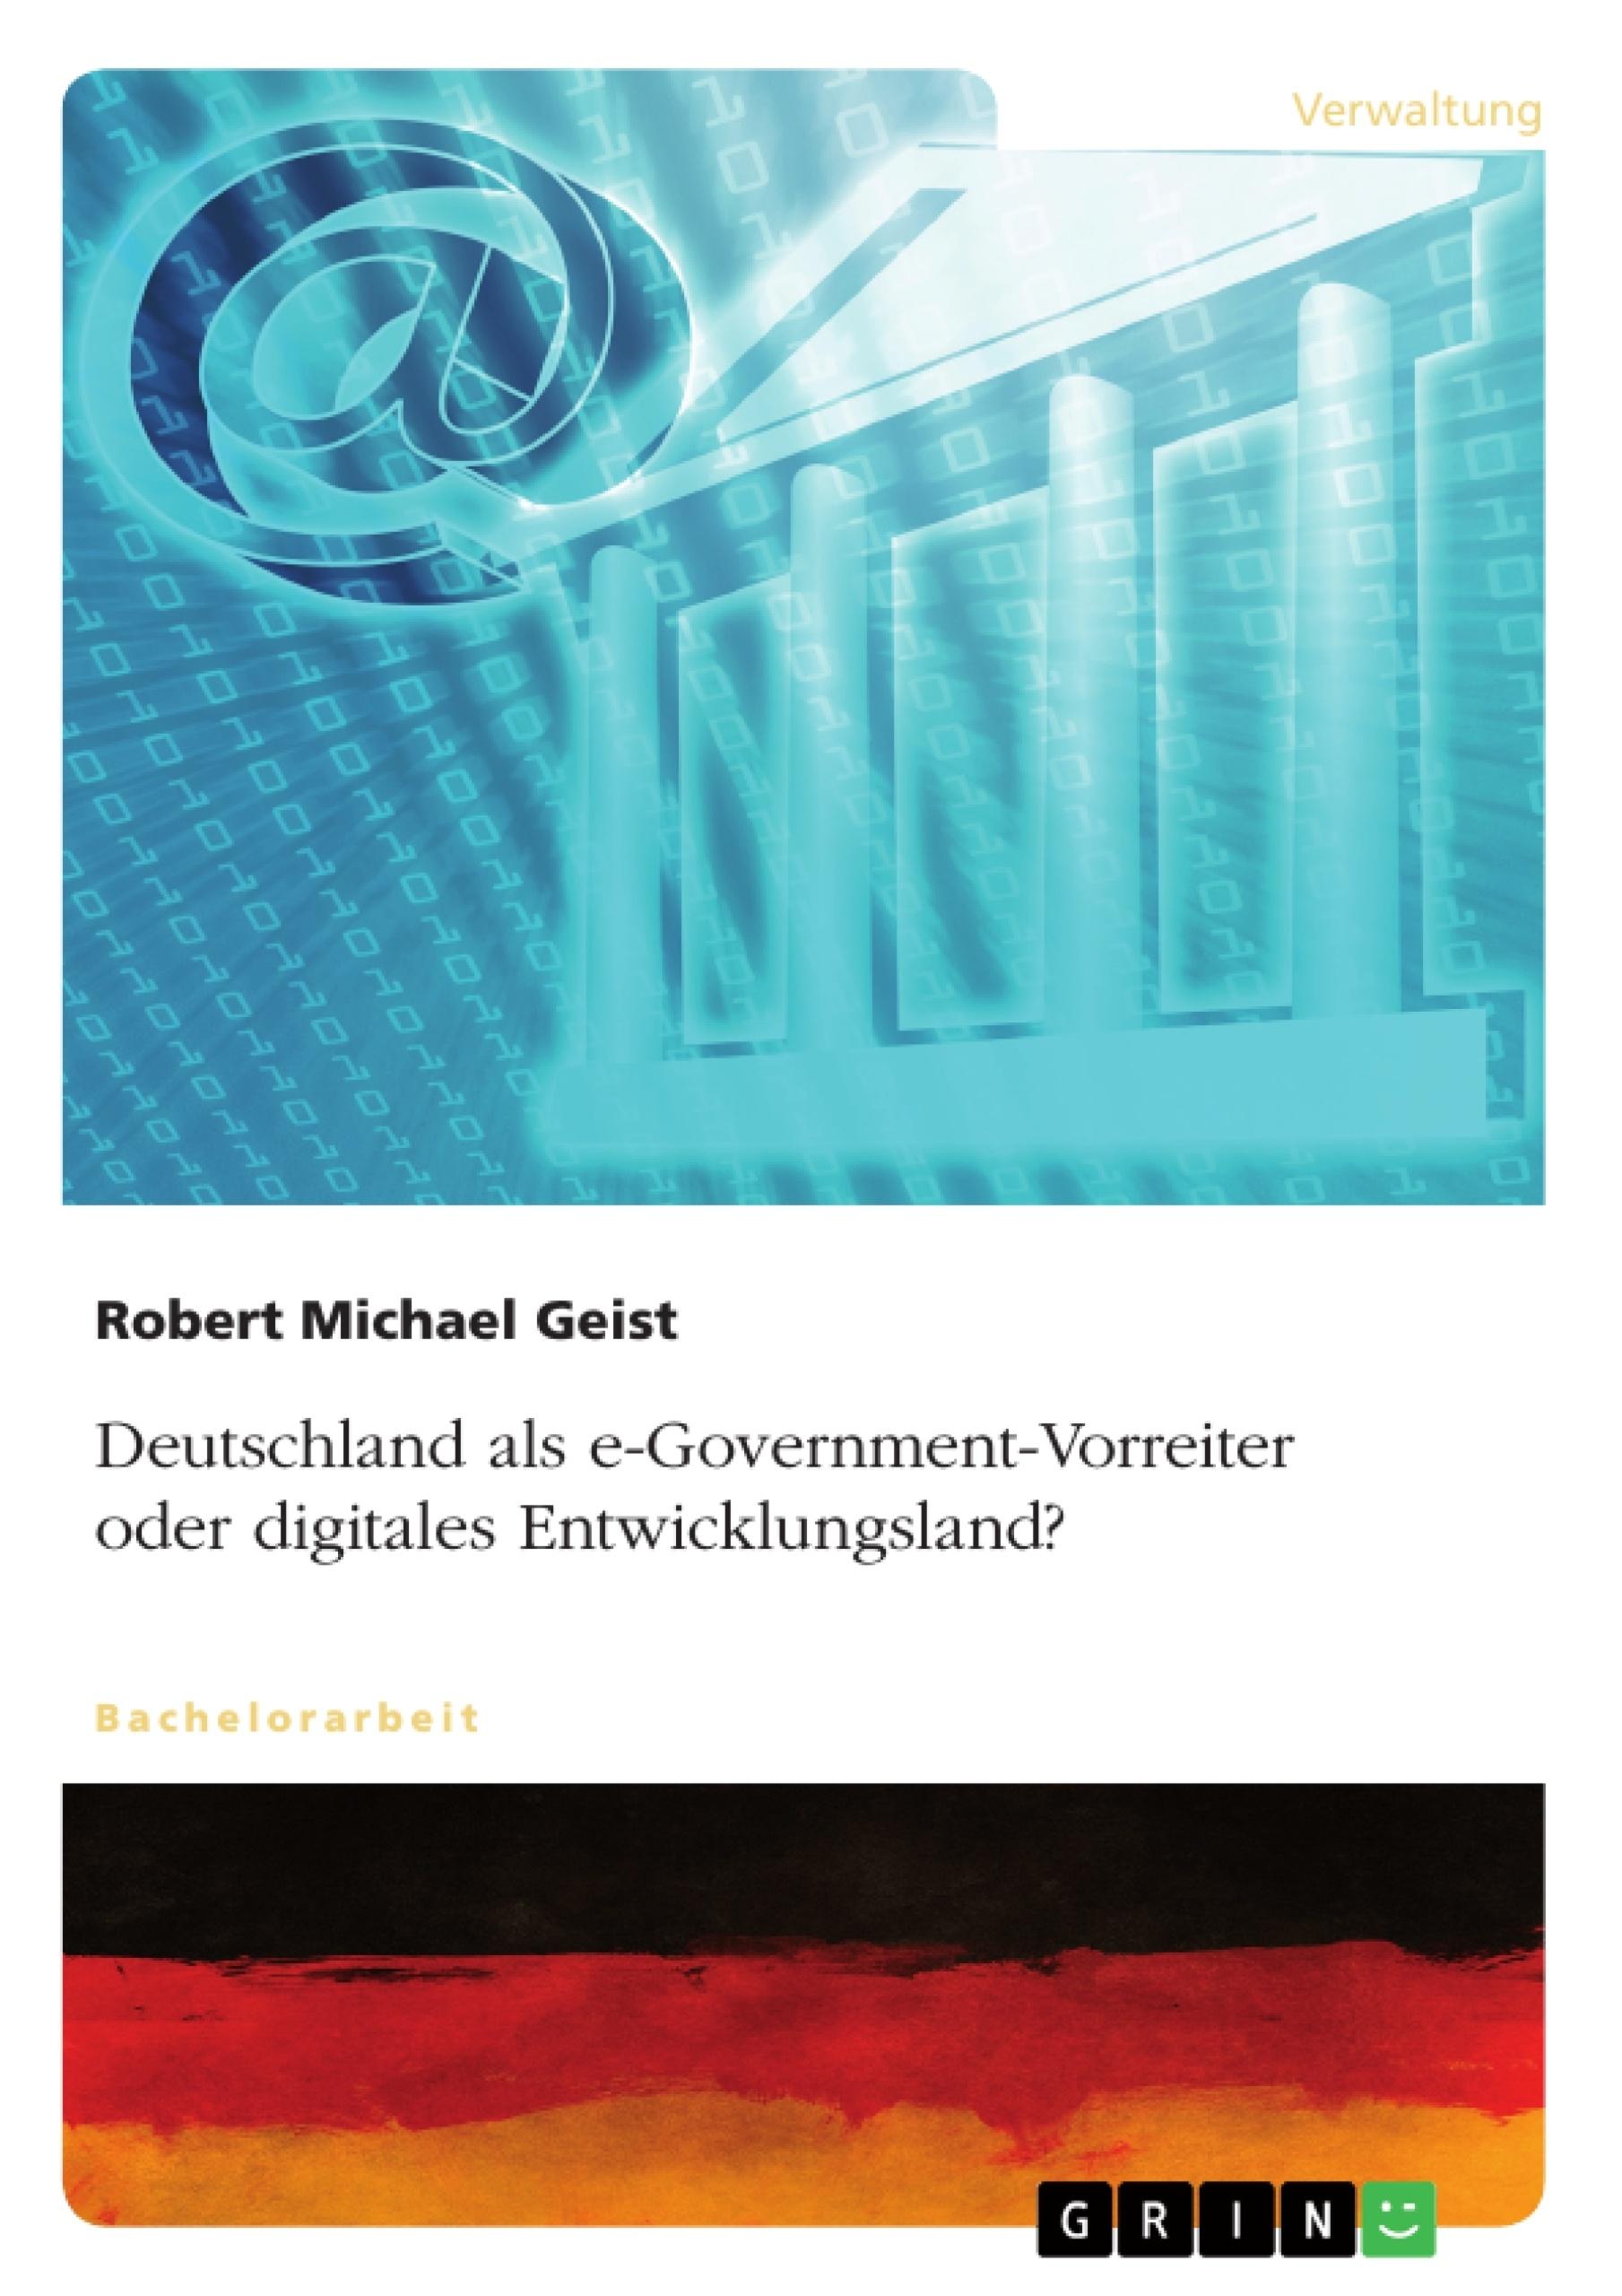 Titel: Deutschland als e-Government-Vorreiter oder digitales Entwicklungsland?